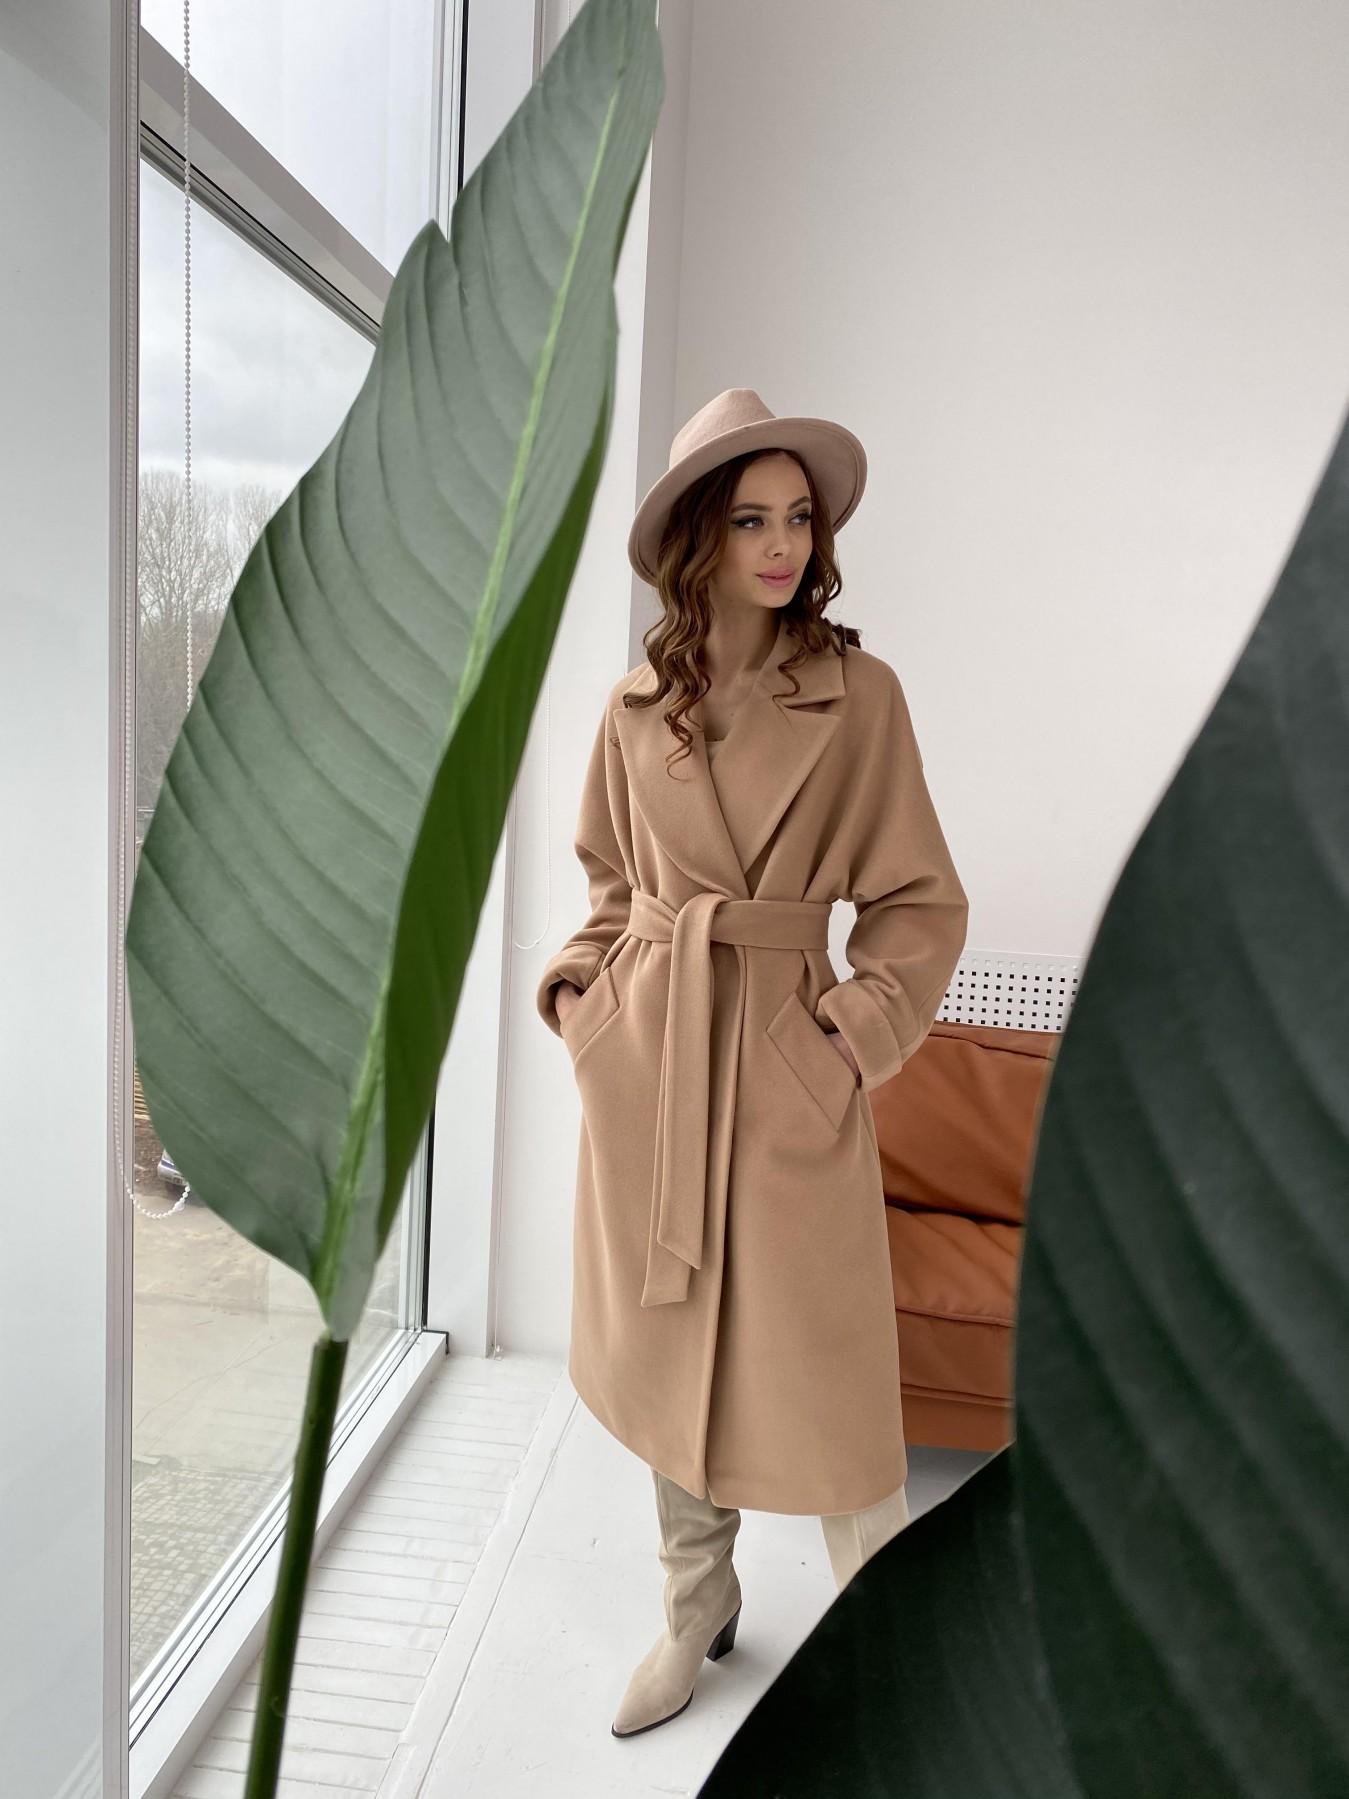 Влада пальто демисезонное из кашемира  10541 АРТ. 46895 Цвет: Кемел - фото 5, интернет магазин tm-modus.ru